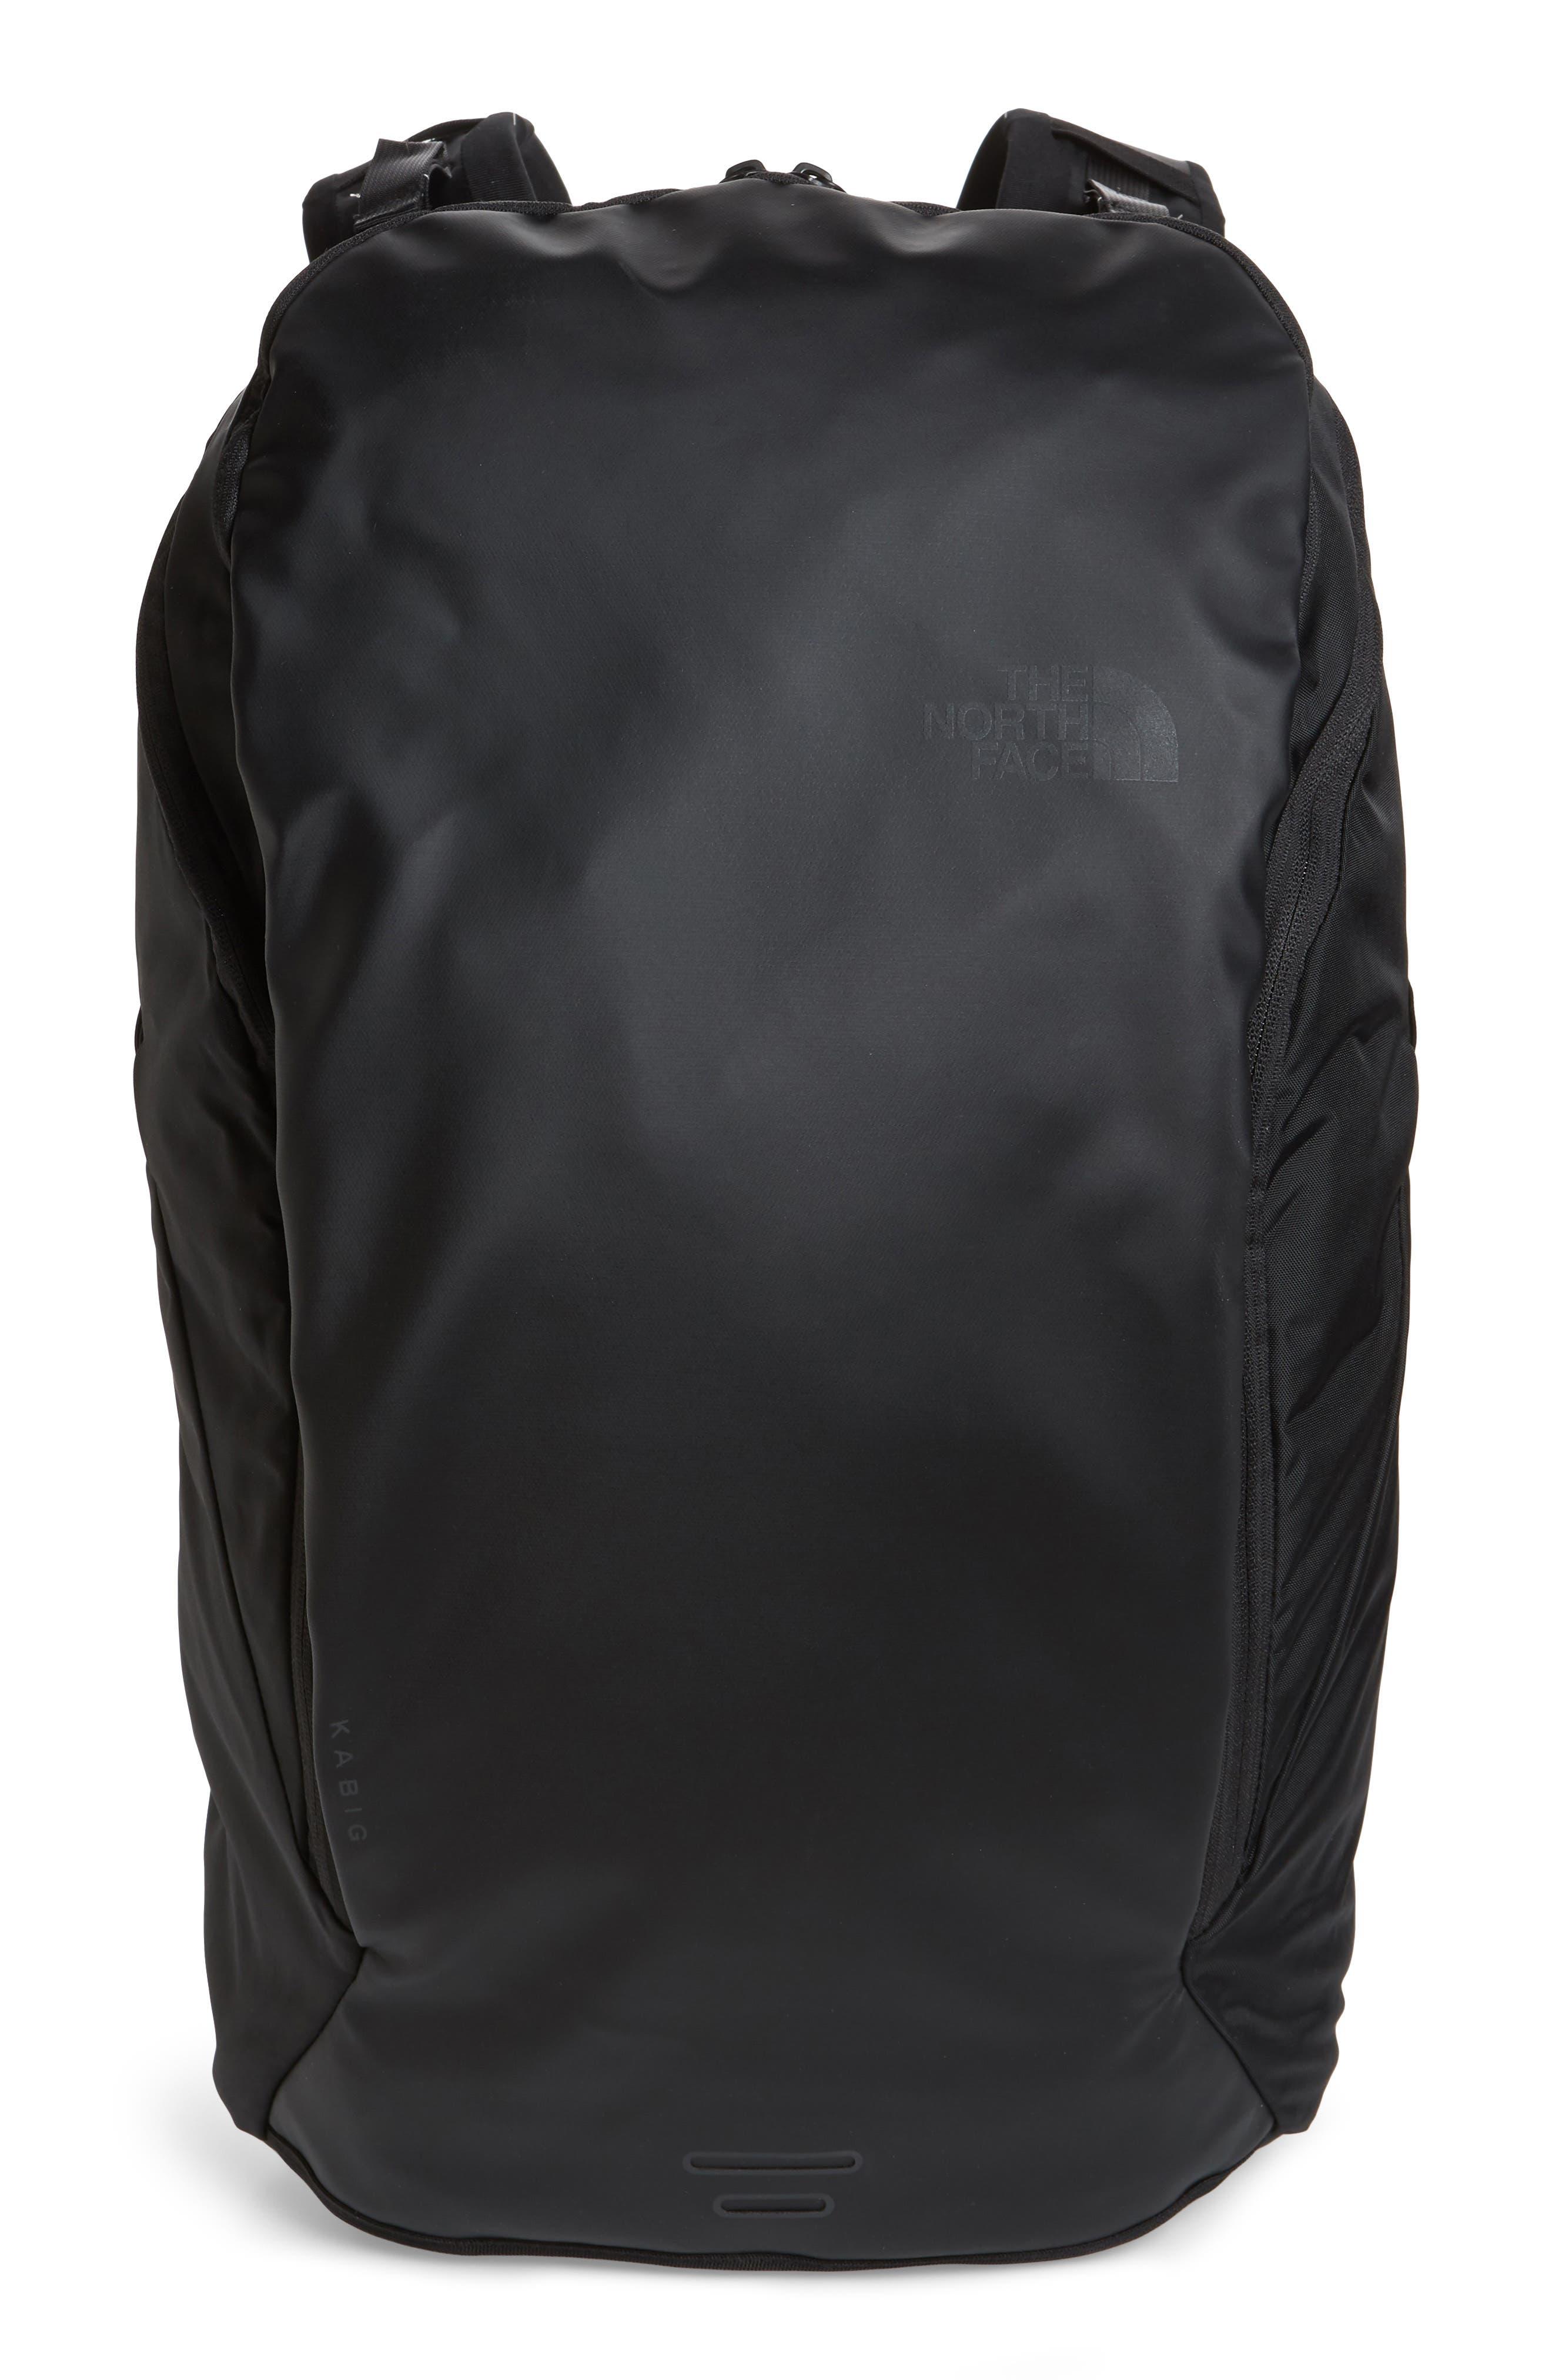 Kabig Backpack,                             Main thumbnail 1, color,                             001